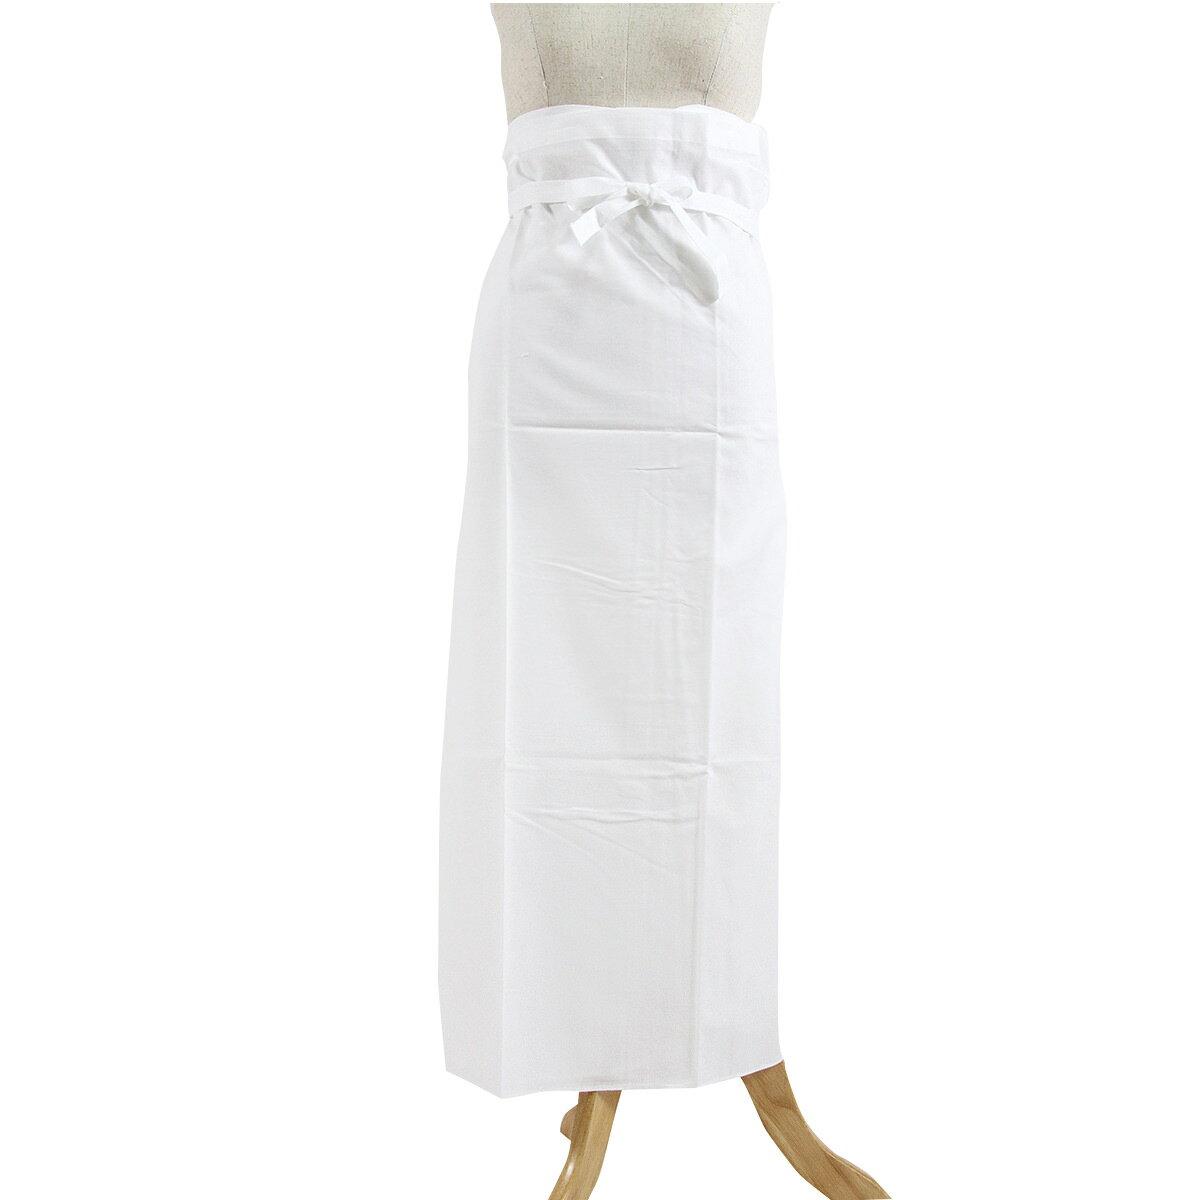 メール便送料無料 訳あり 日清紡謹製 女物 裾除け 白 M Lサイズ 綿100% すそよけ こしまき 着物 着付け 女性用 レディース 婦人物 和装下着 和装肌着 インナー 日本製 三ツ桃 さらし 1点メール便OK 送料込み